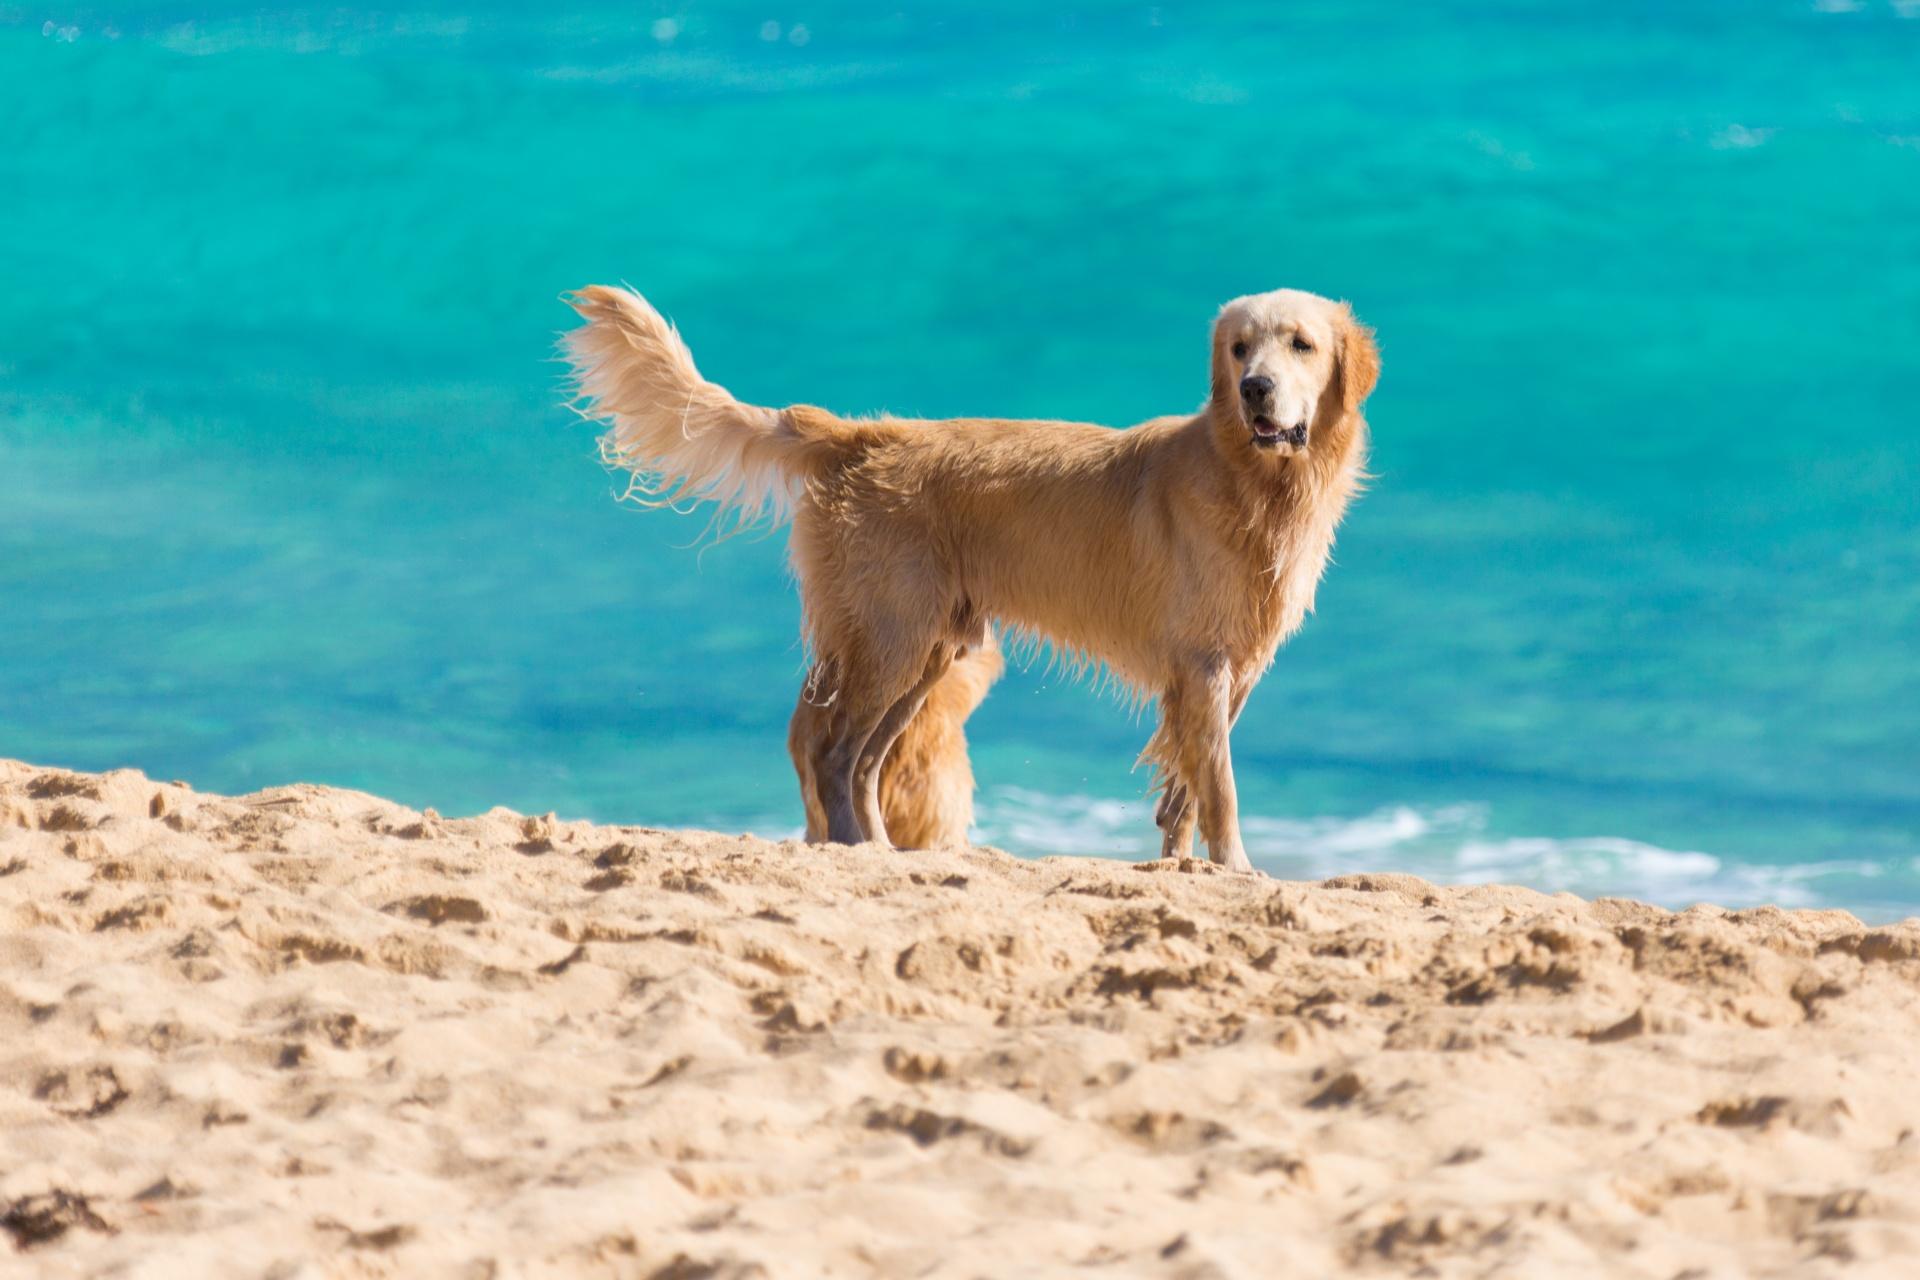 dog-on-the-beach-1457116424iVb